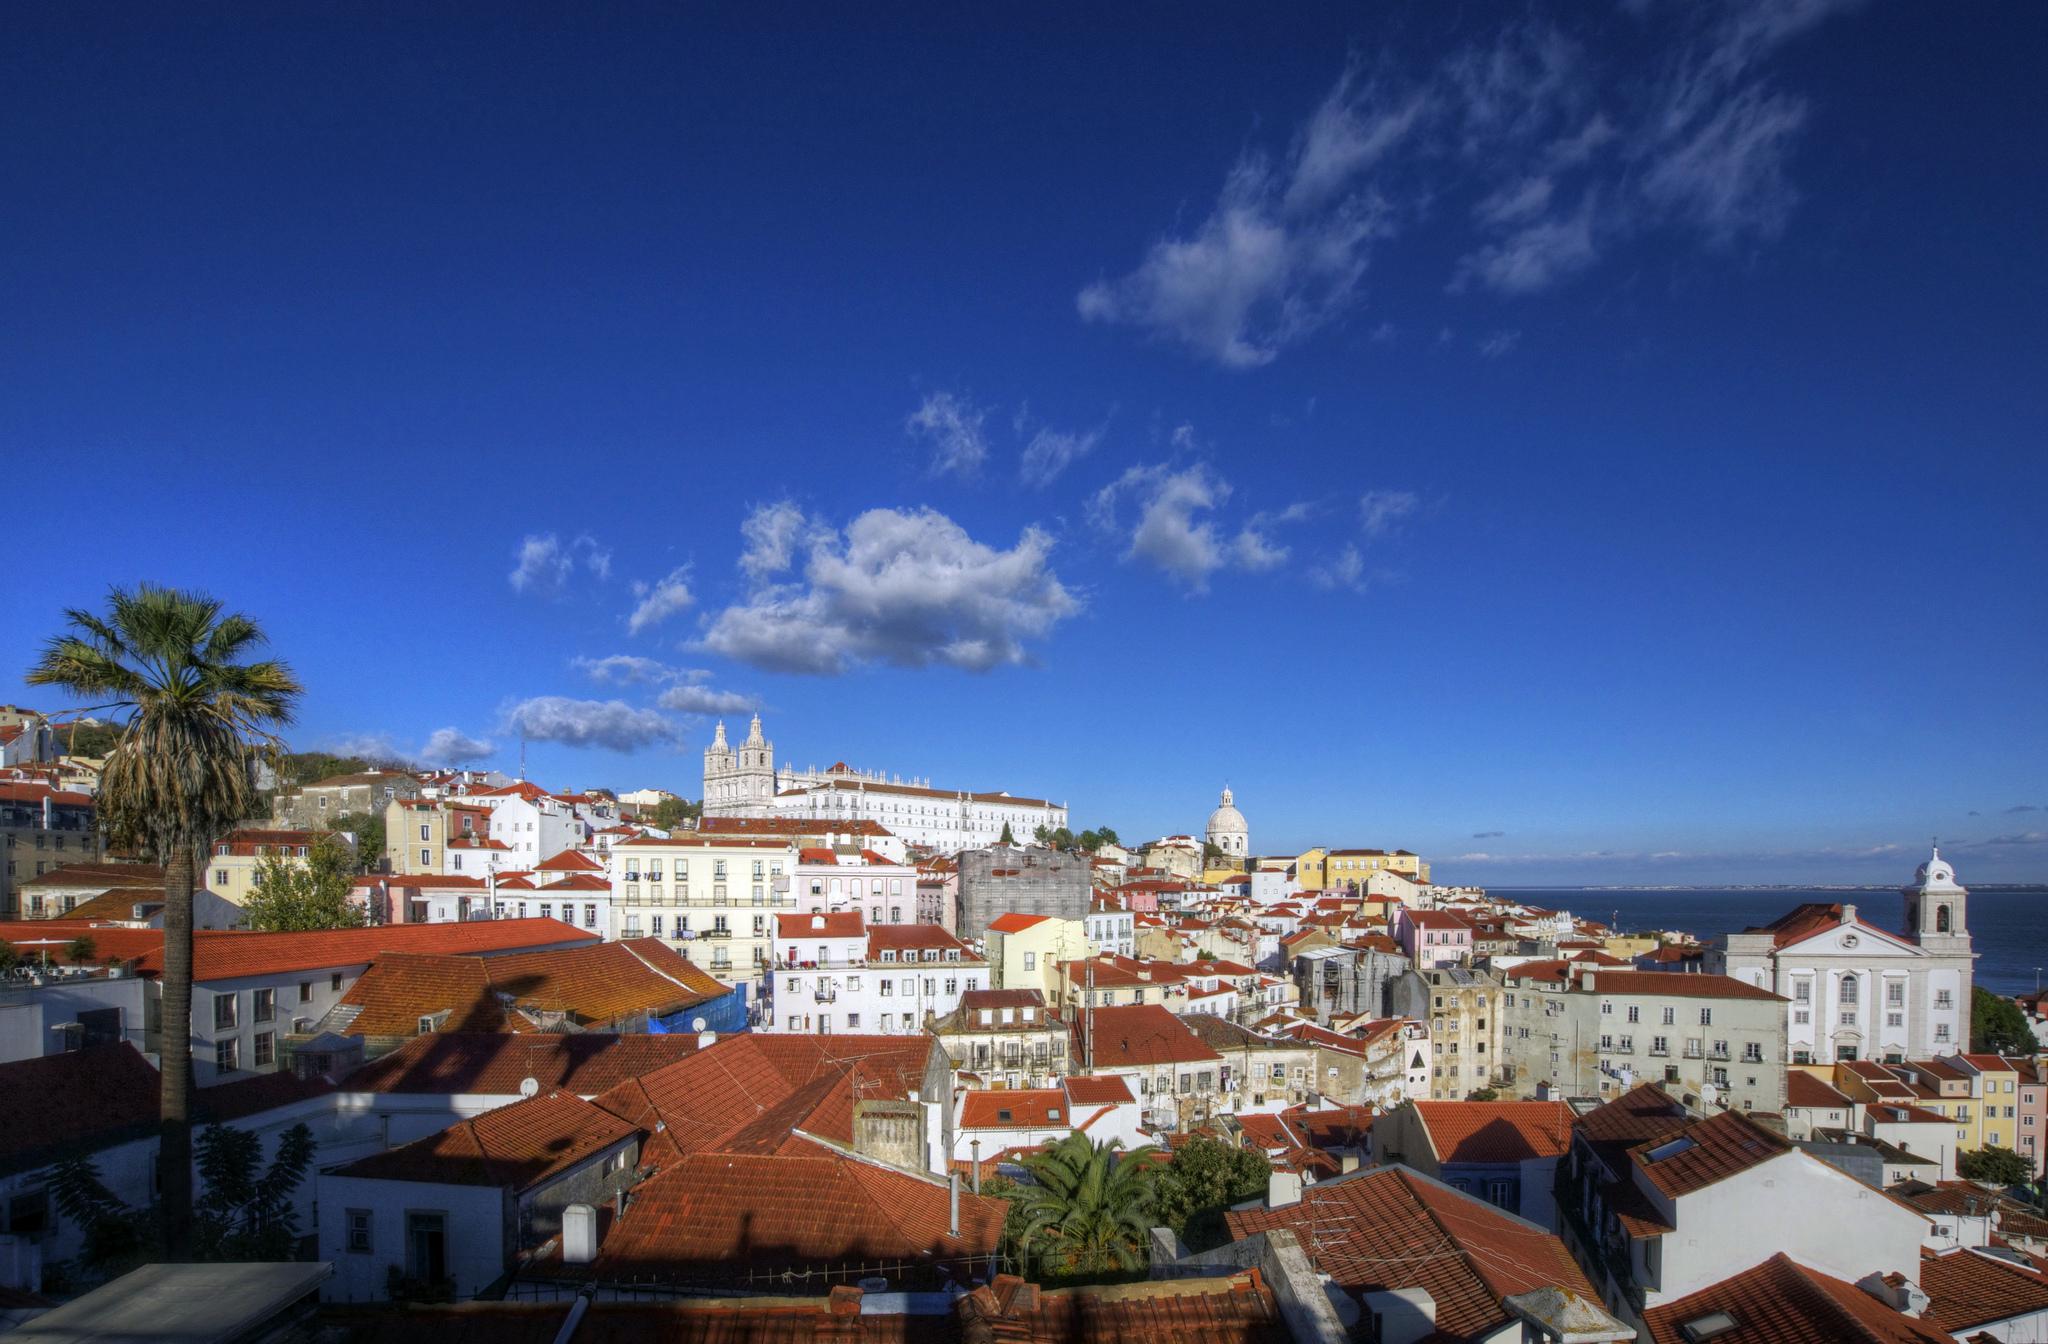 Lisboa, Portugal - vista geral da cidade